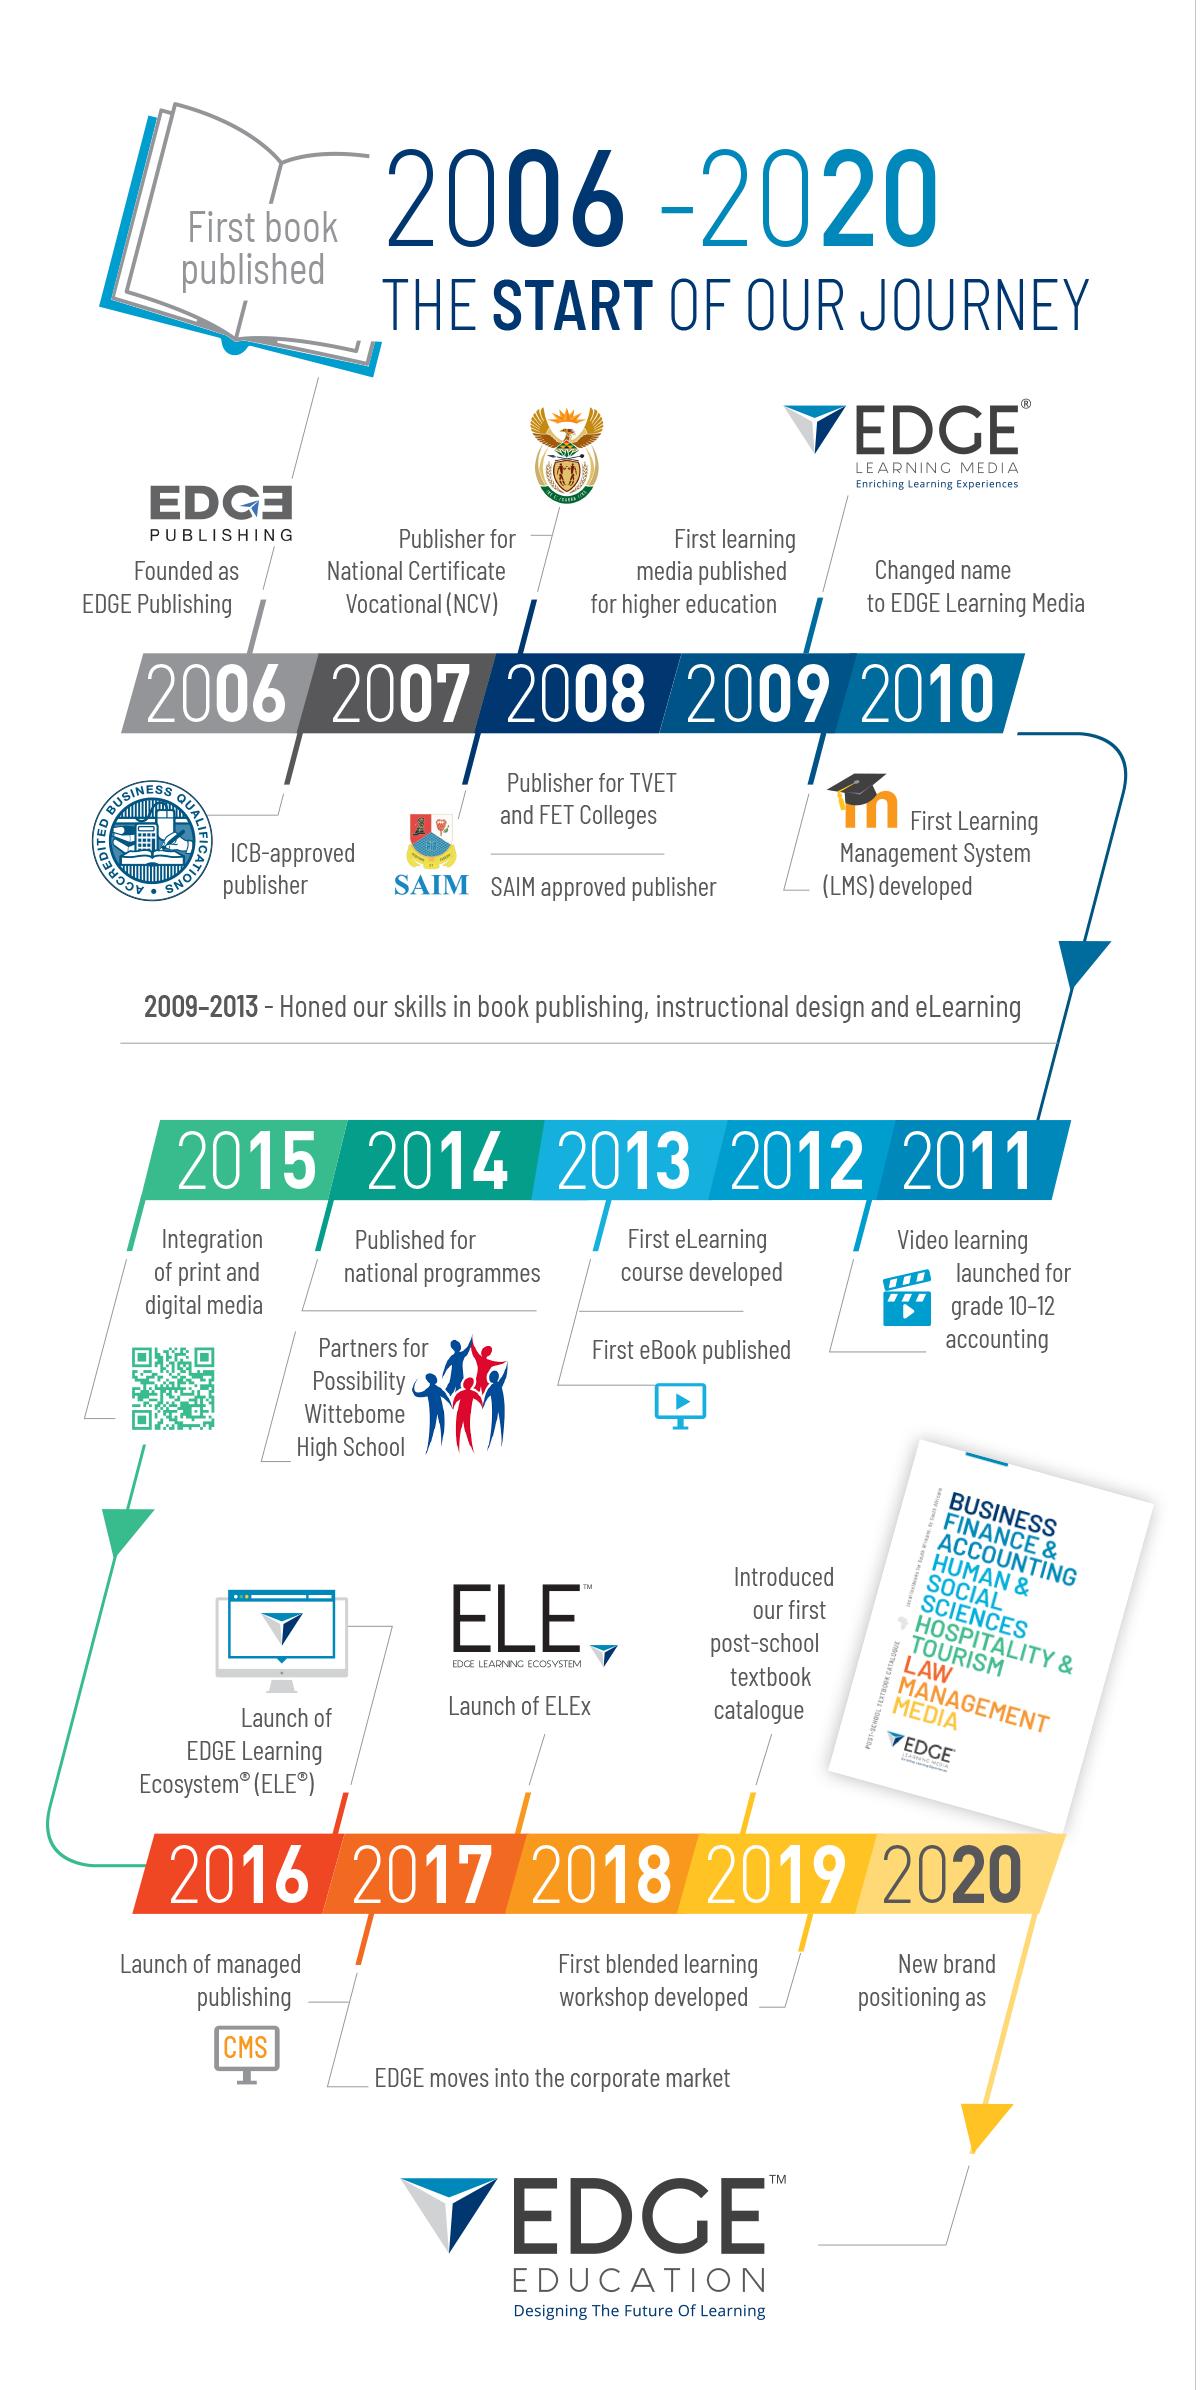 EDGE Education Timeline